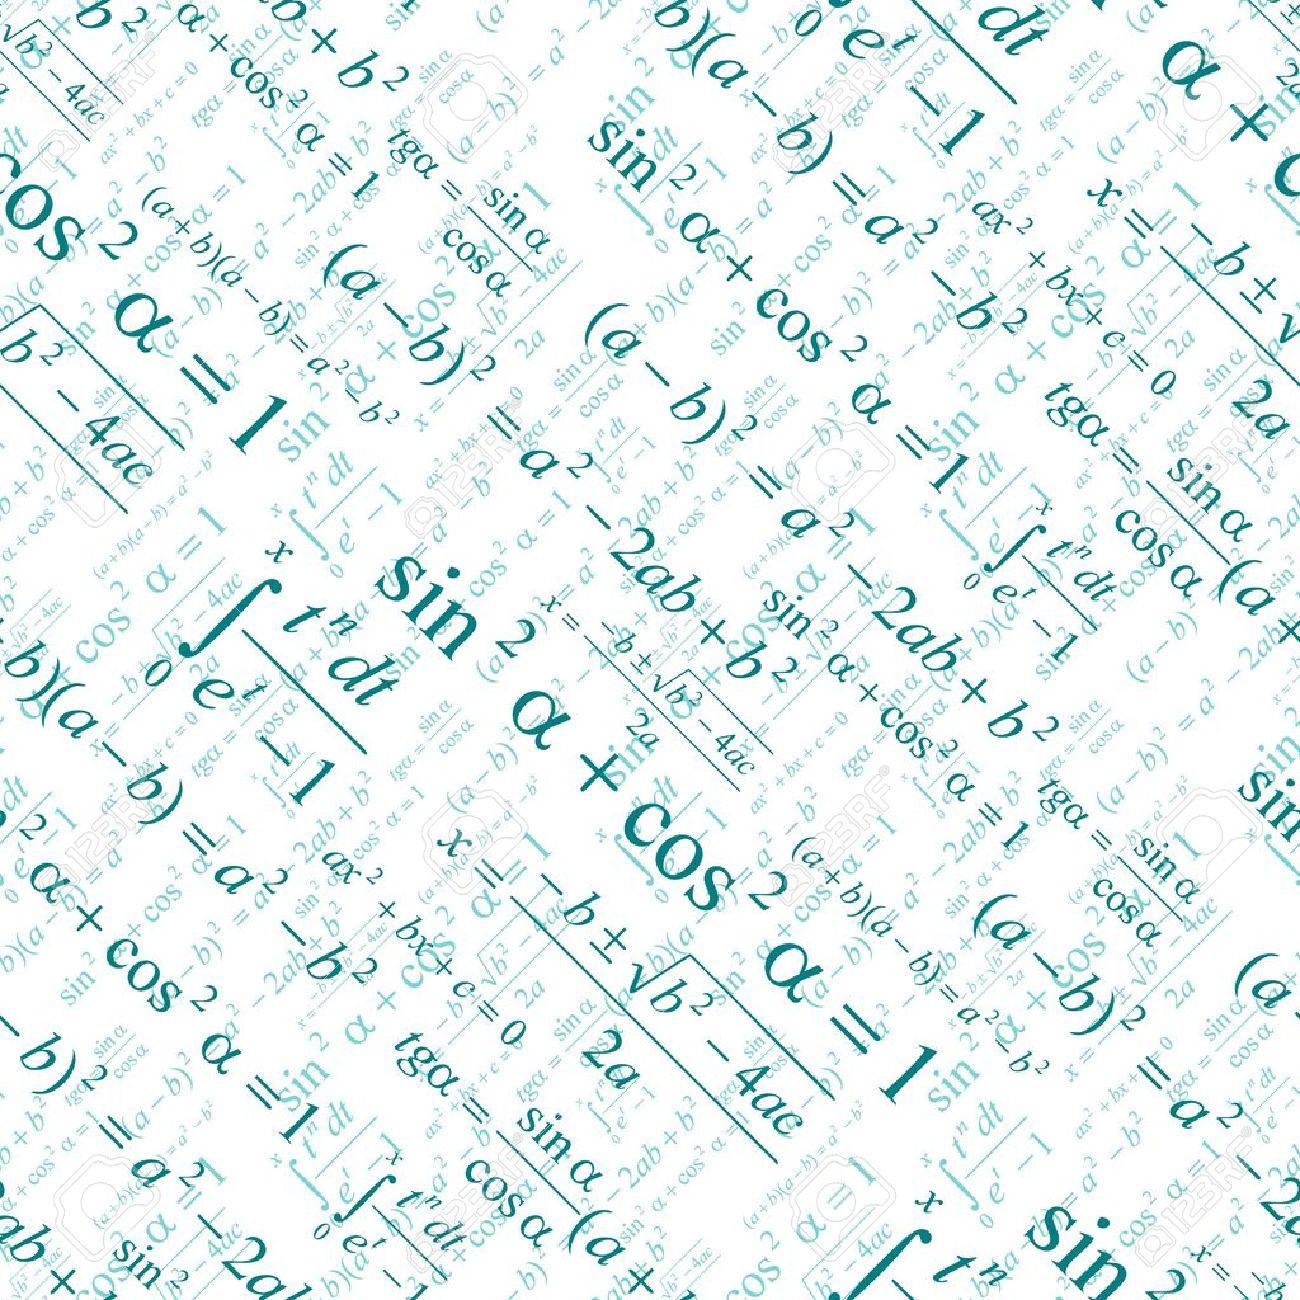 シームレスに白の壁紙数学をベクトルします のイラスト素材 ベクタ